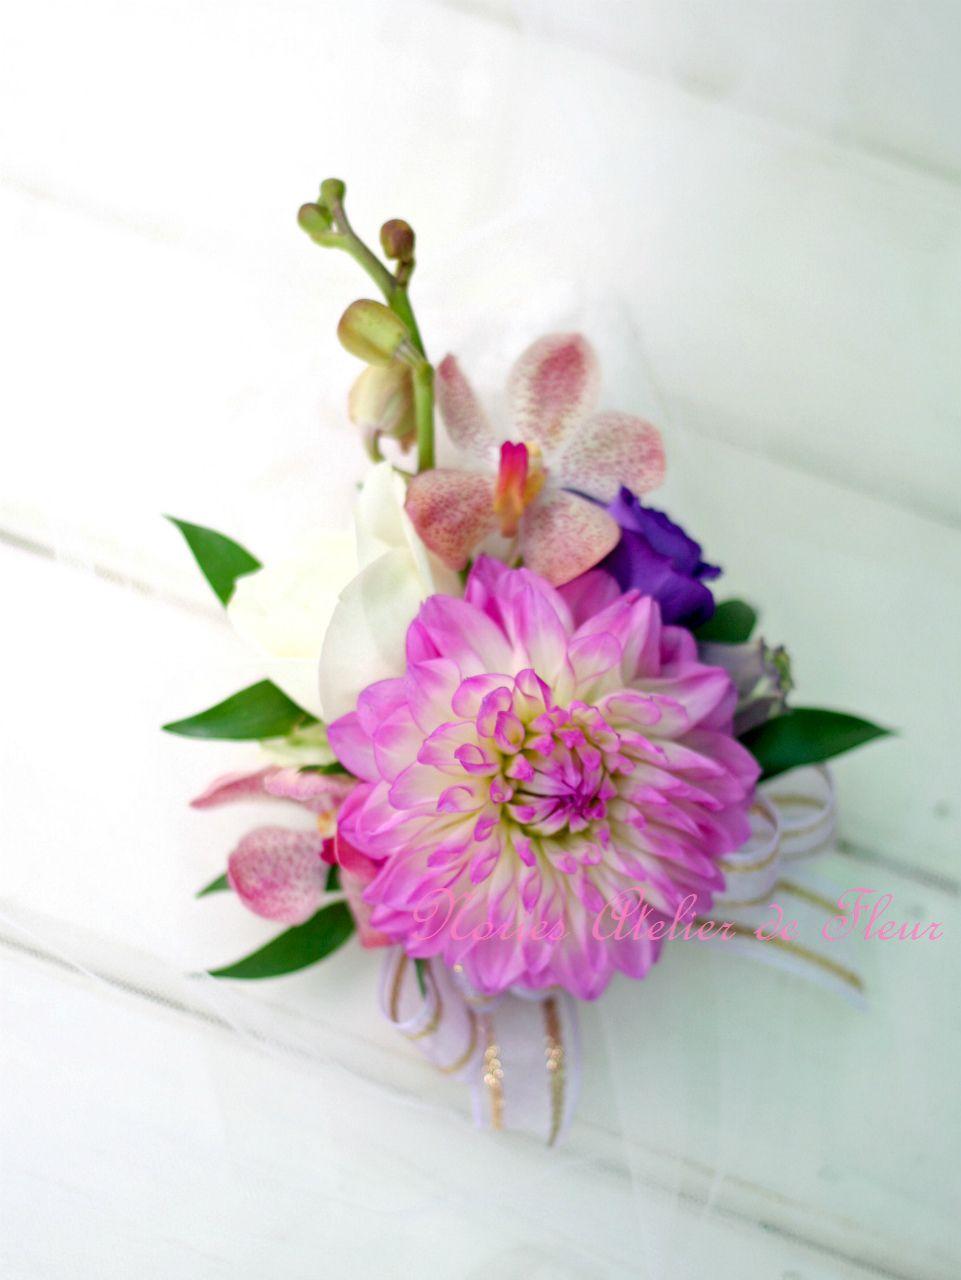 生花 ダリアとトルコキキョウのクレッセントブーケ 花婿様のブトニア